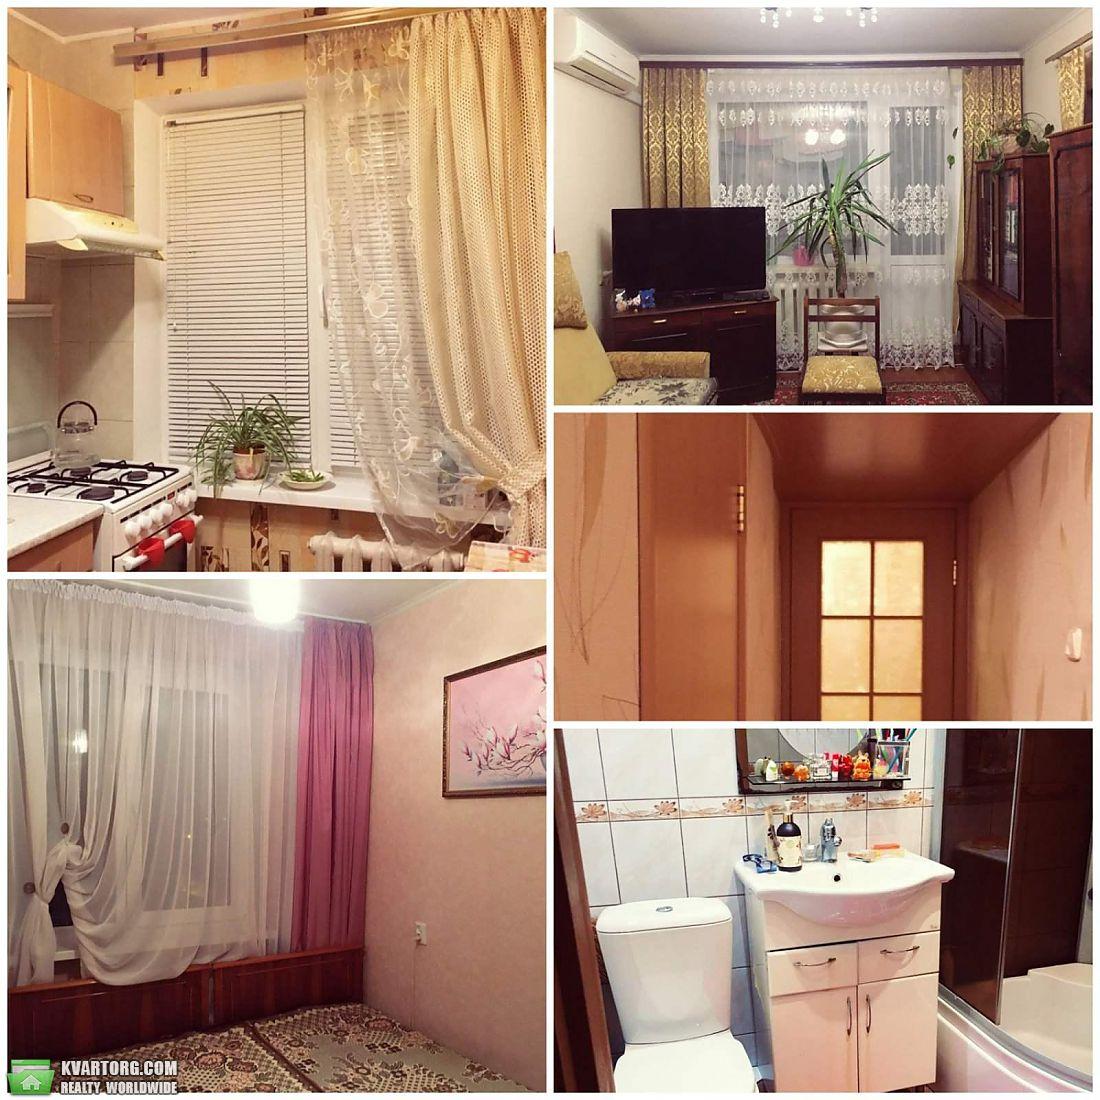 продам 3-комнатную квартиру Полтава, ул.Великотырновская 1 - Фото 1